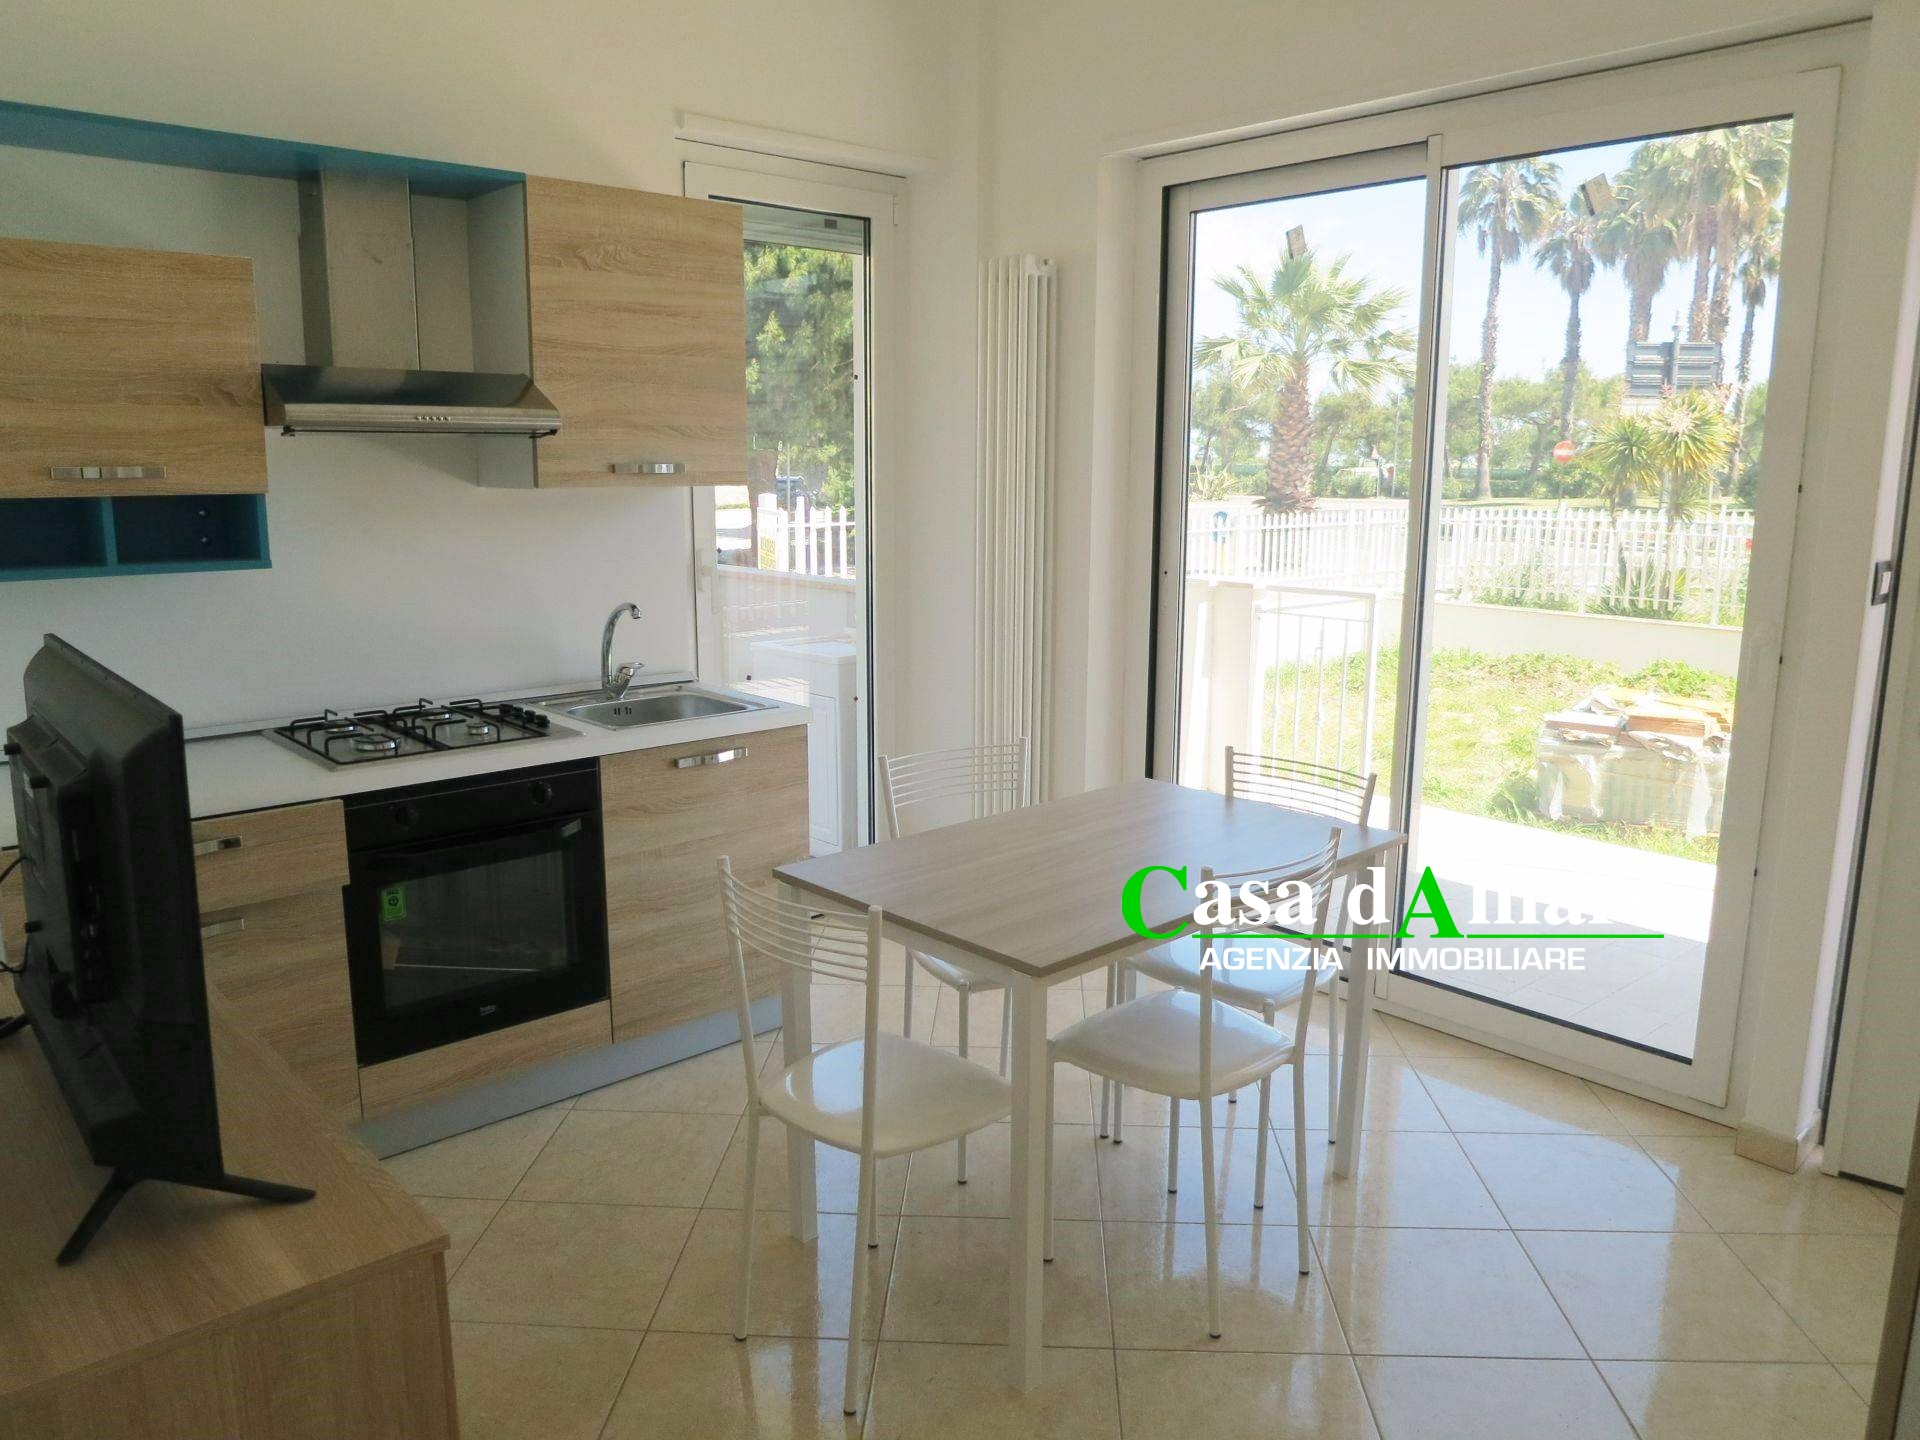 Appartamento in vendita a San Benedetto del Tronto, 3 locali, zona Località: SanBenedettodelTronto, prezzo € 250.000 | Cambio Casa.it